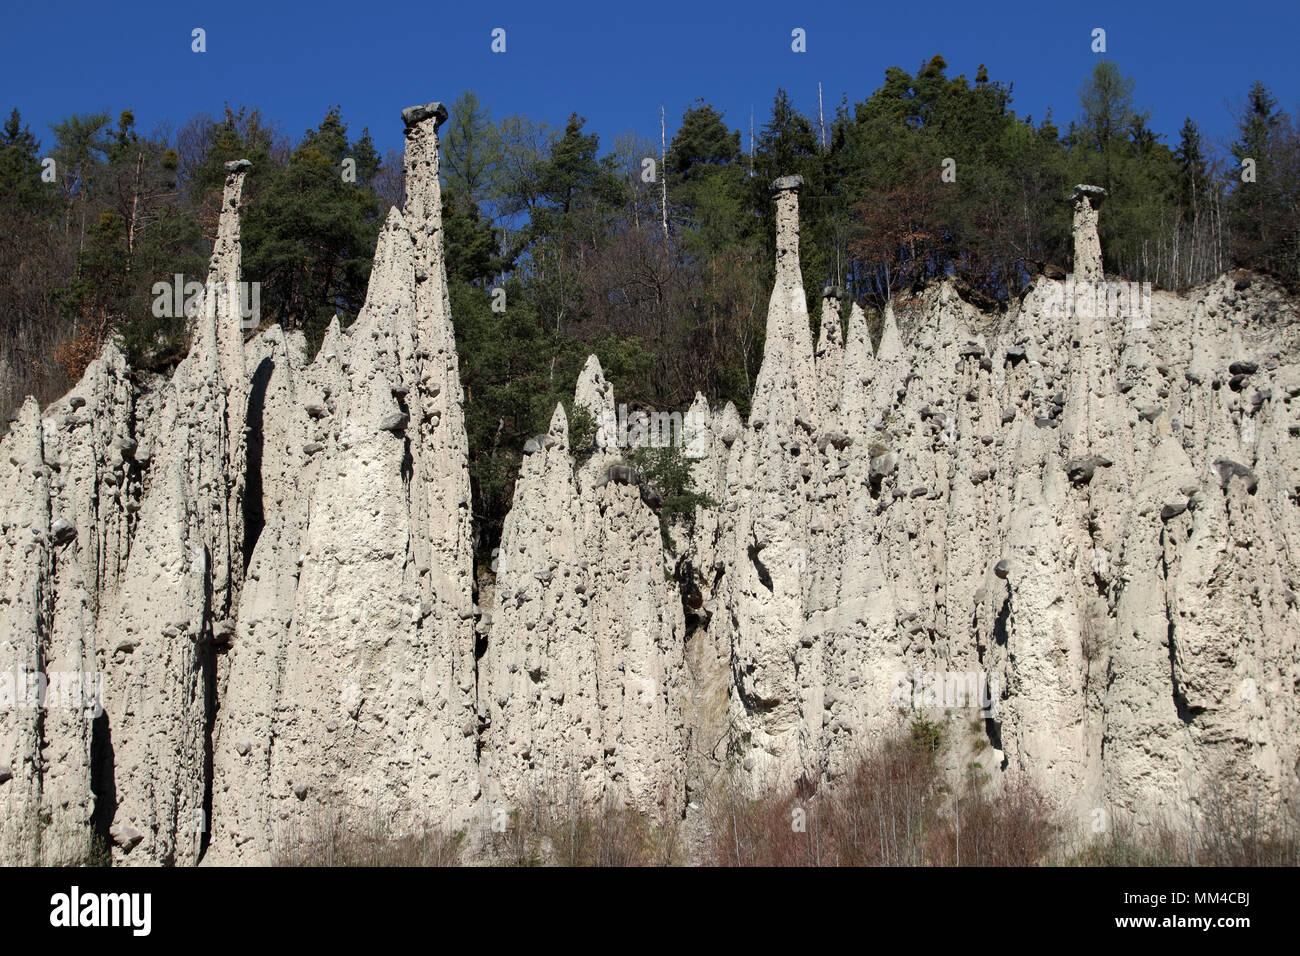 Piramidi di terra Gasteinergraben Unterinn Renon Alto Adige Italia Europa Immagini Stock